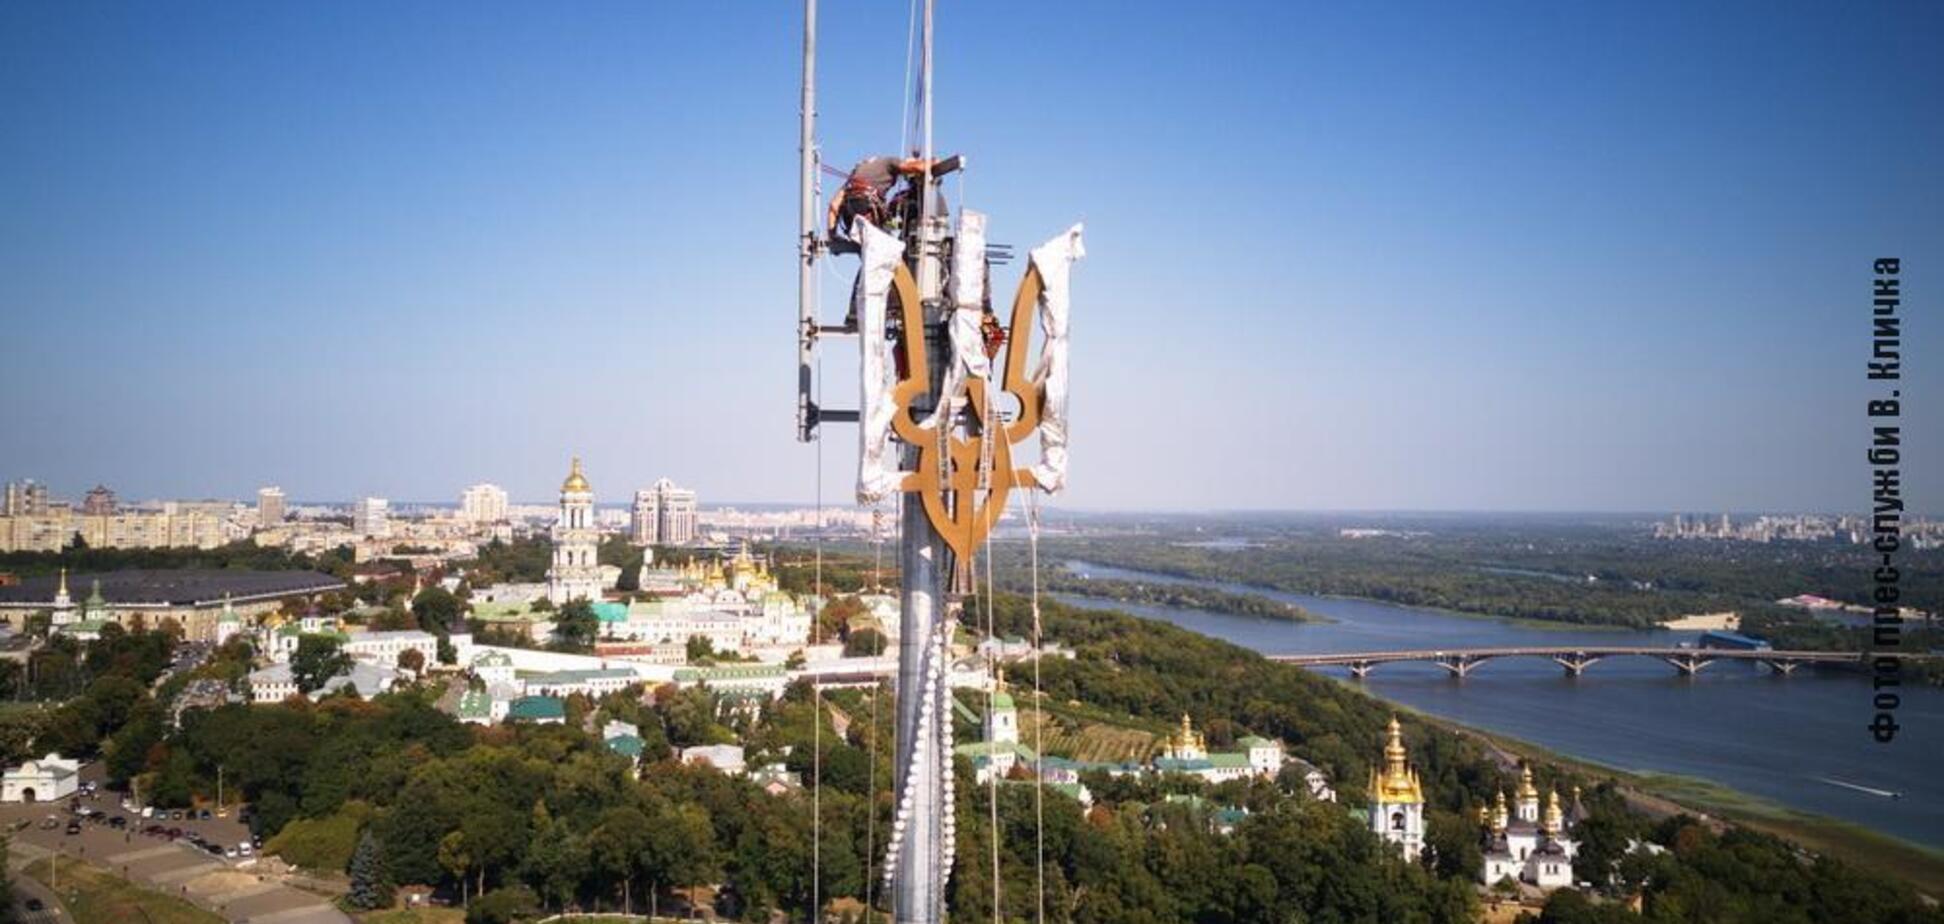 У Києві встановили новий тризуб на флагштоку найбільшого прапора України